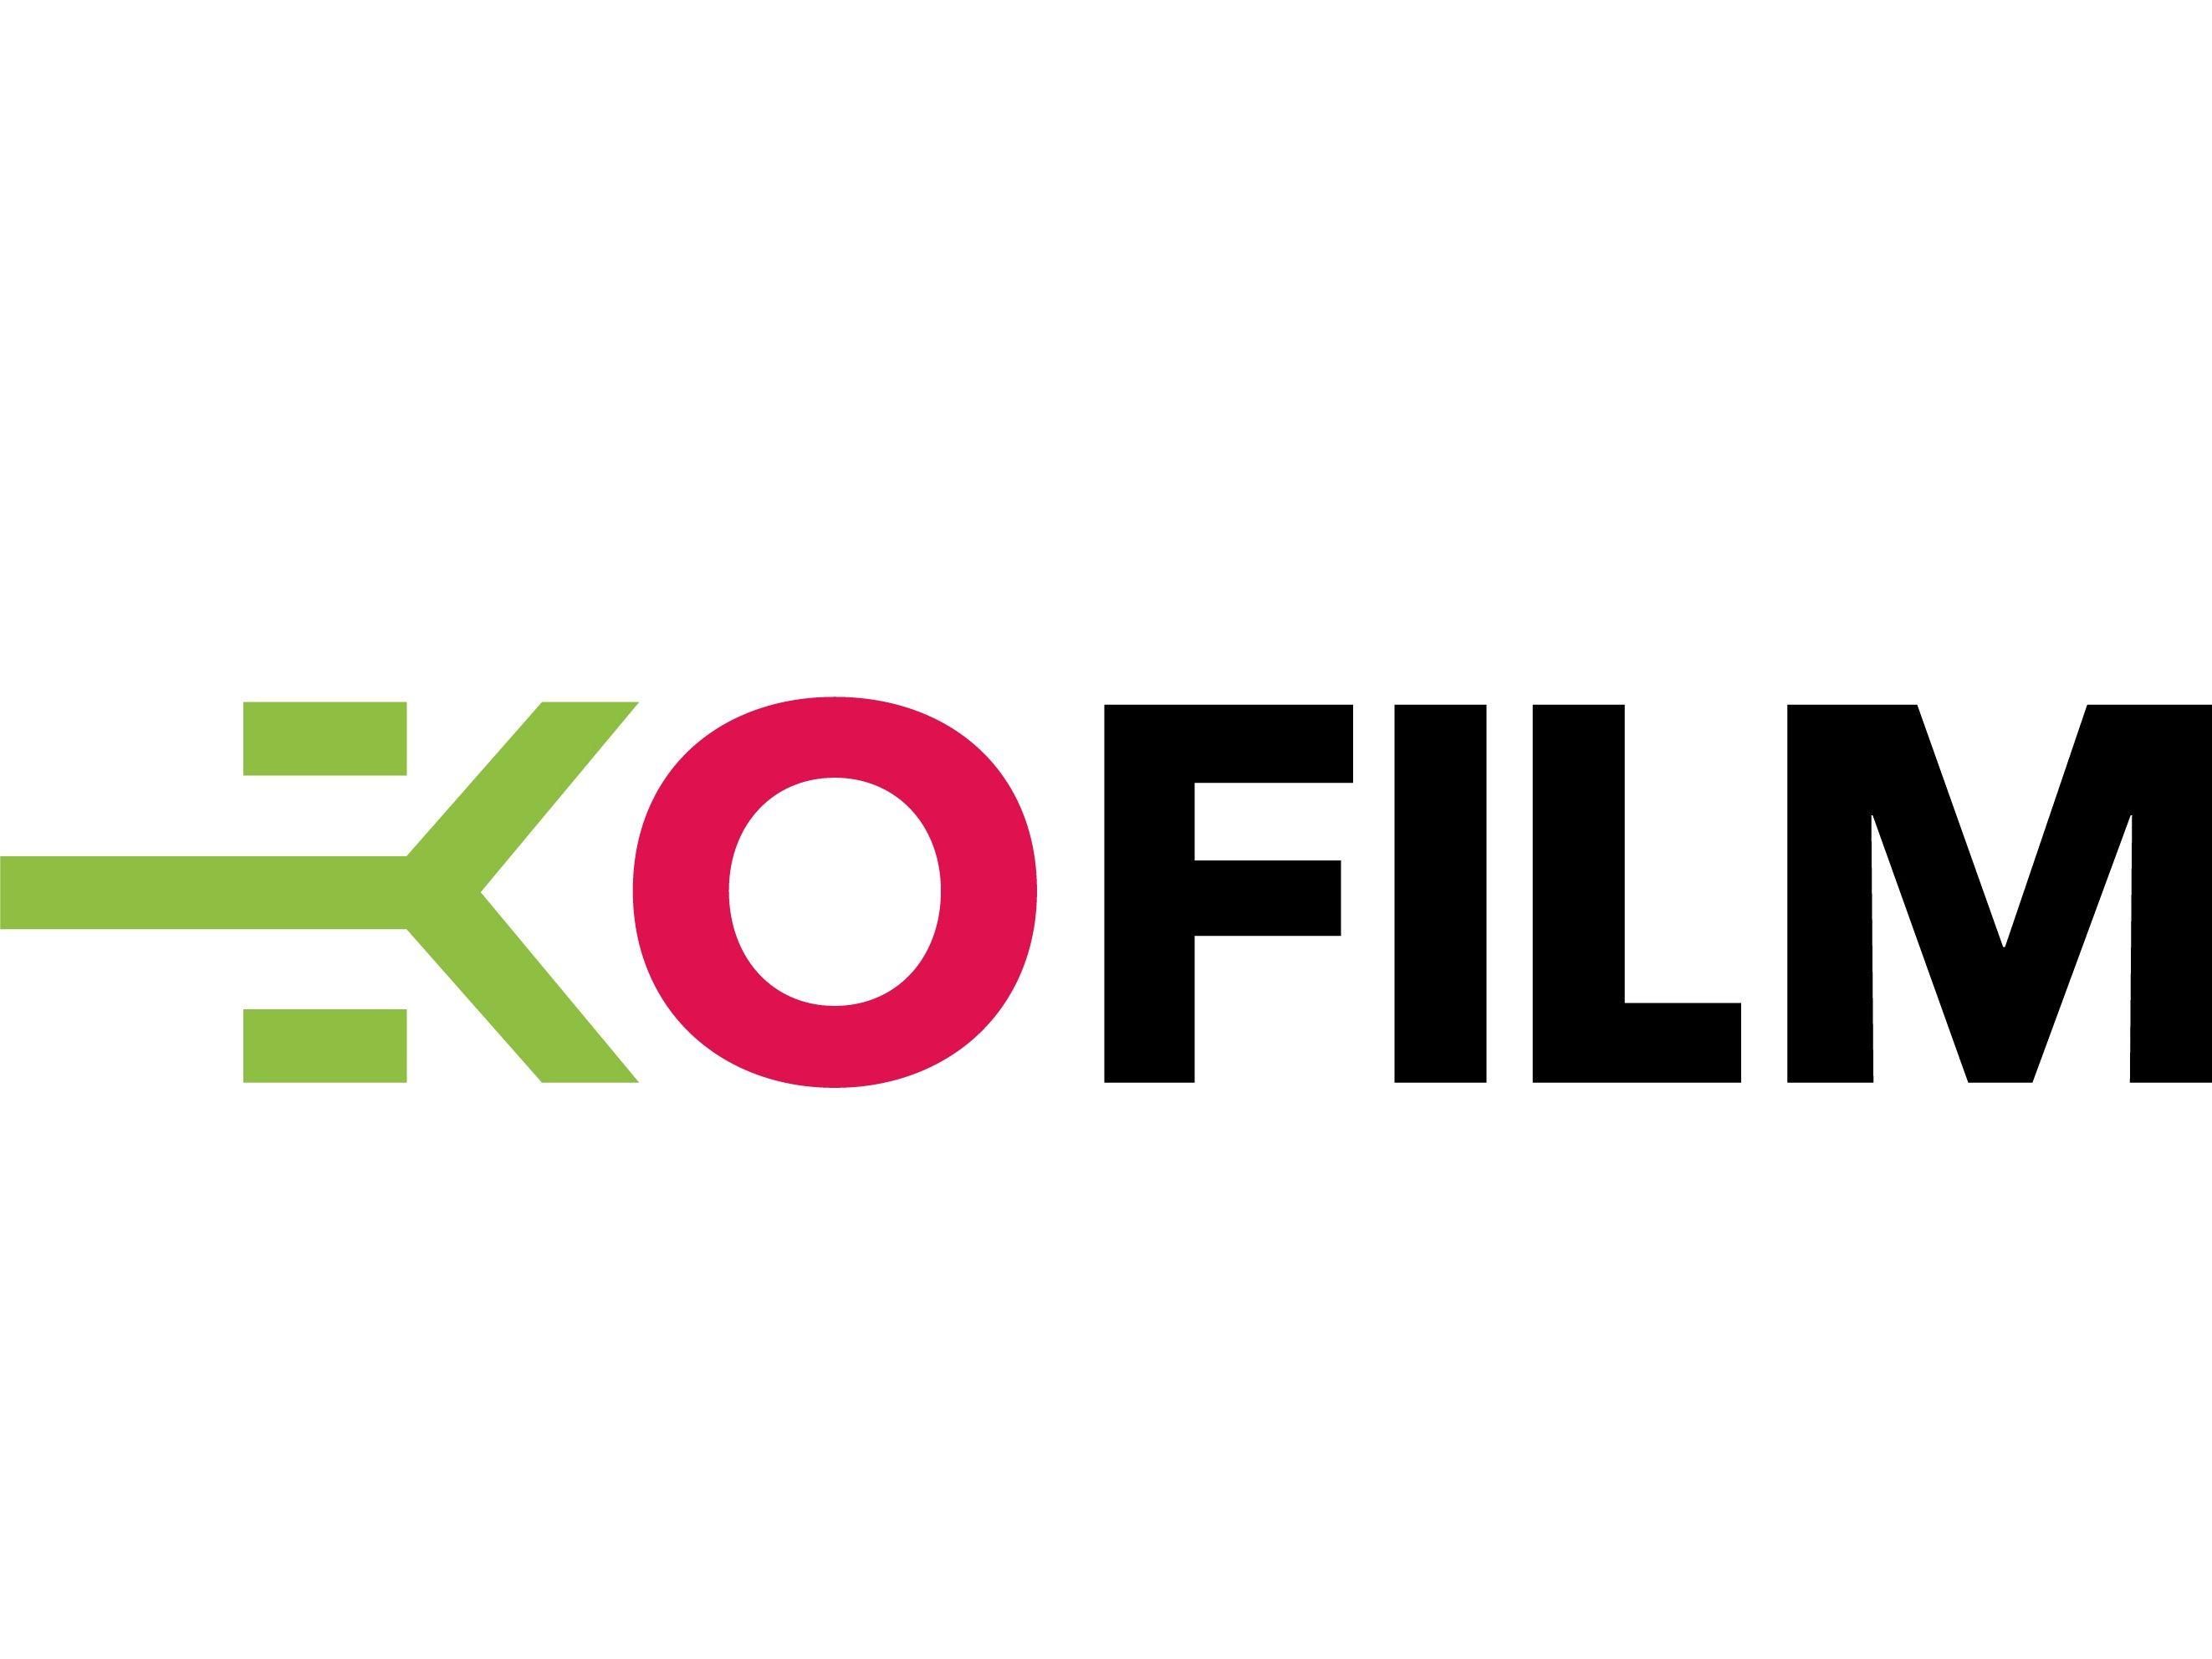 47. ročník MFF EKOFILM je za dveřmi. Od příští středy se na něm představí nejlepší filmy na environmentální témata